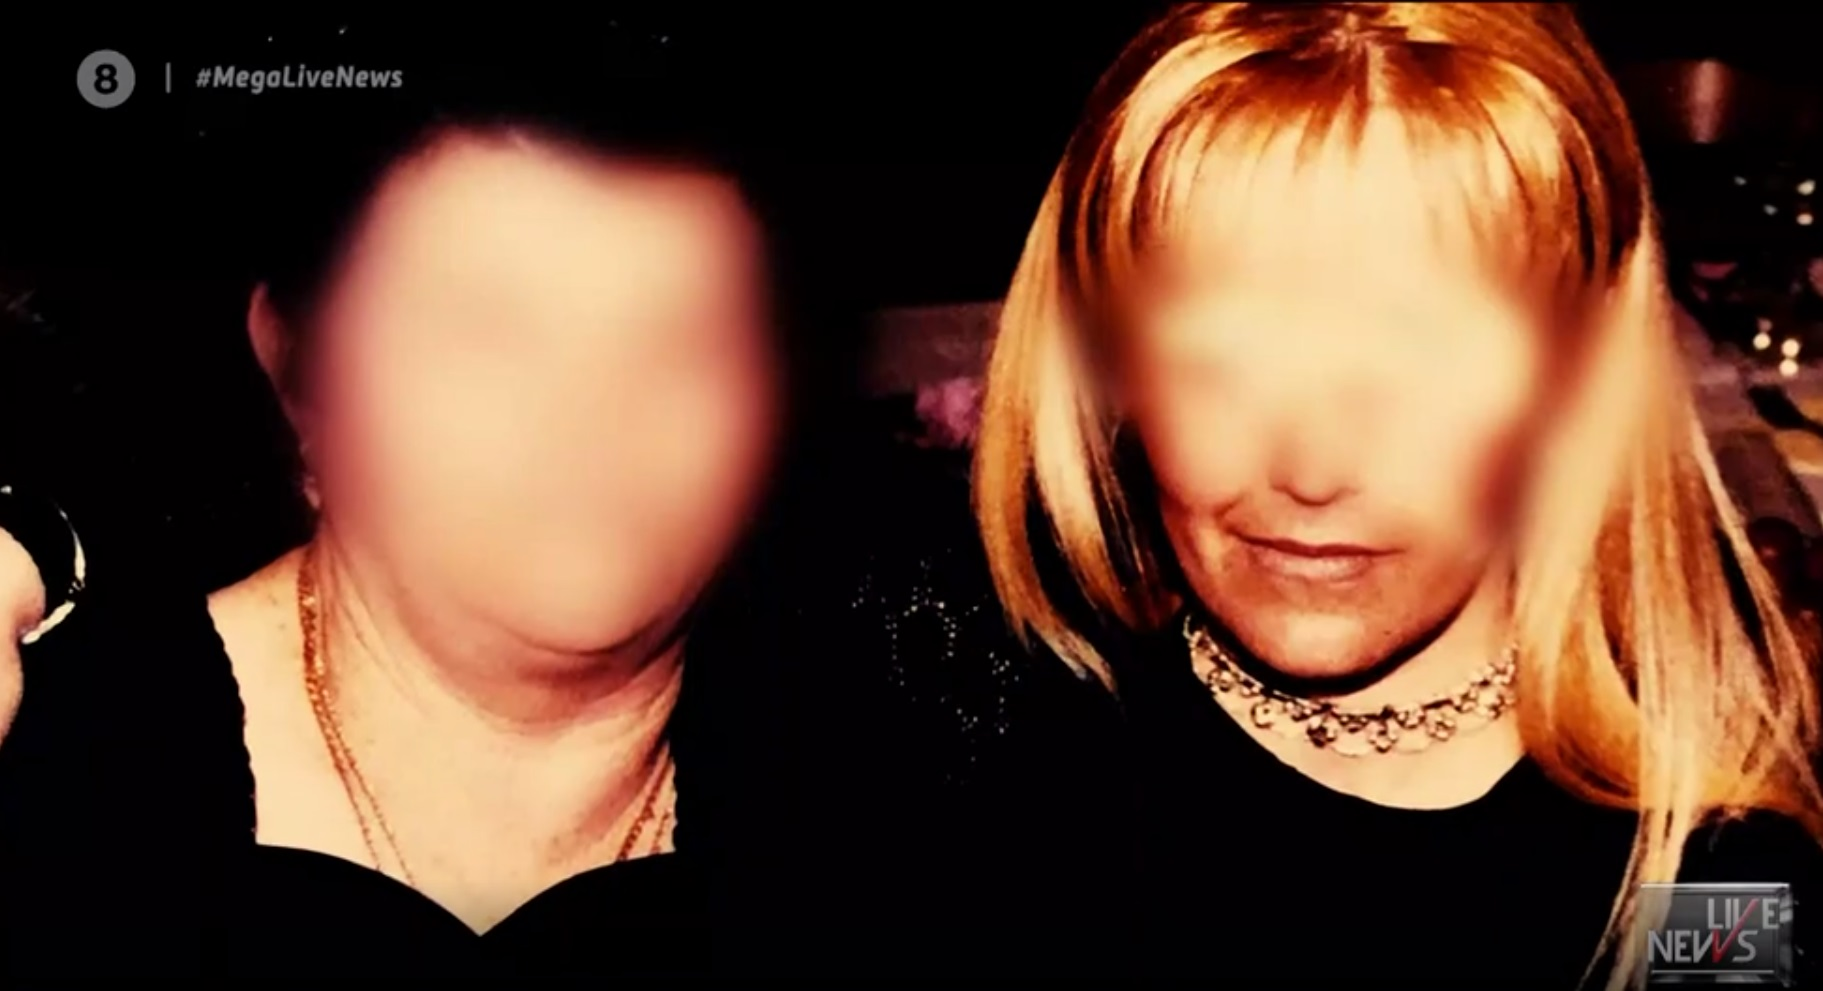 Πιερία: Συγκλονίζει η μητέρα μου έμεινε τρεις μέρες σε χαράδρα μαζί με την κόρη της μετά από τροχαίο